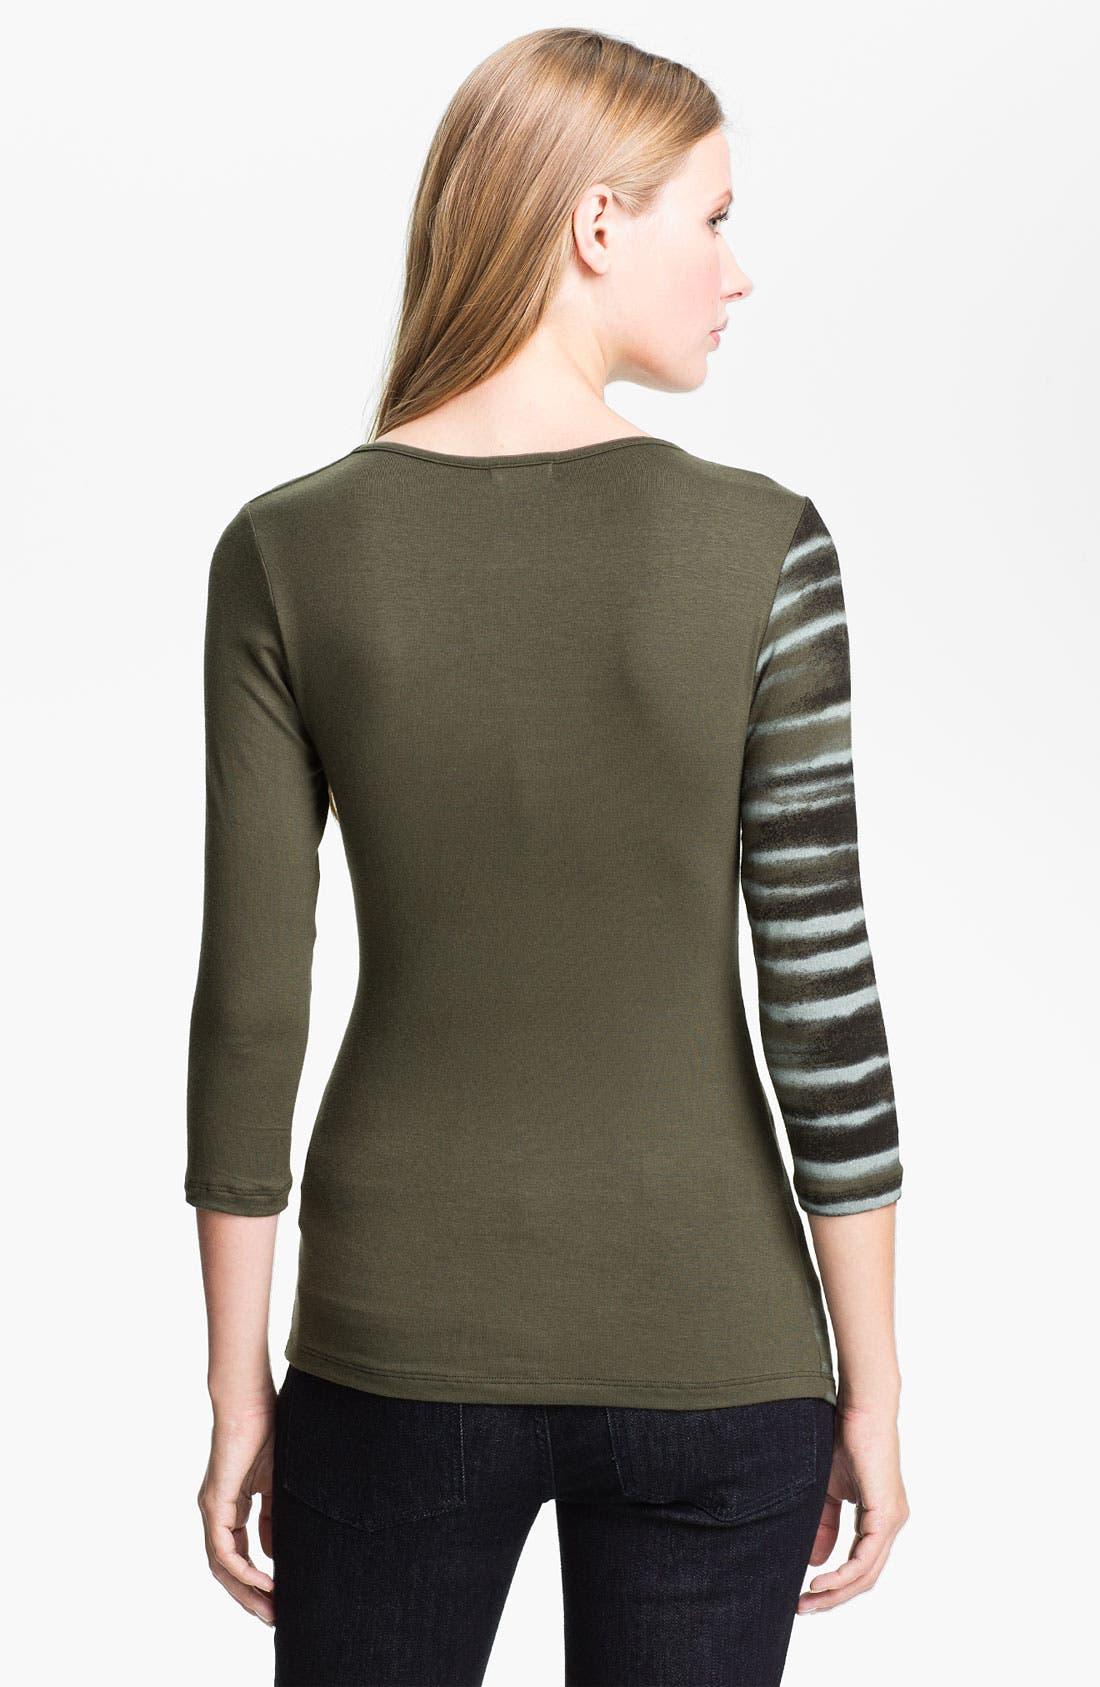 Alternate Image 2  - Edista 'Elisa' Drape Neck Top (Petite)